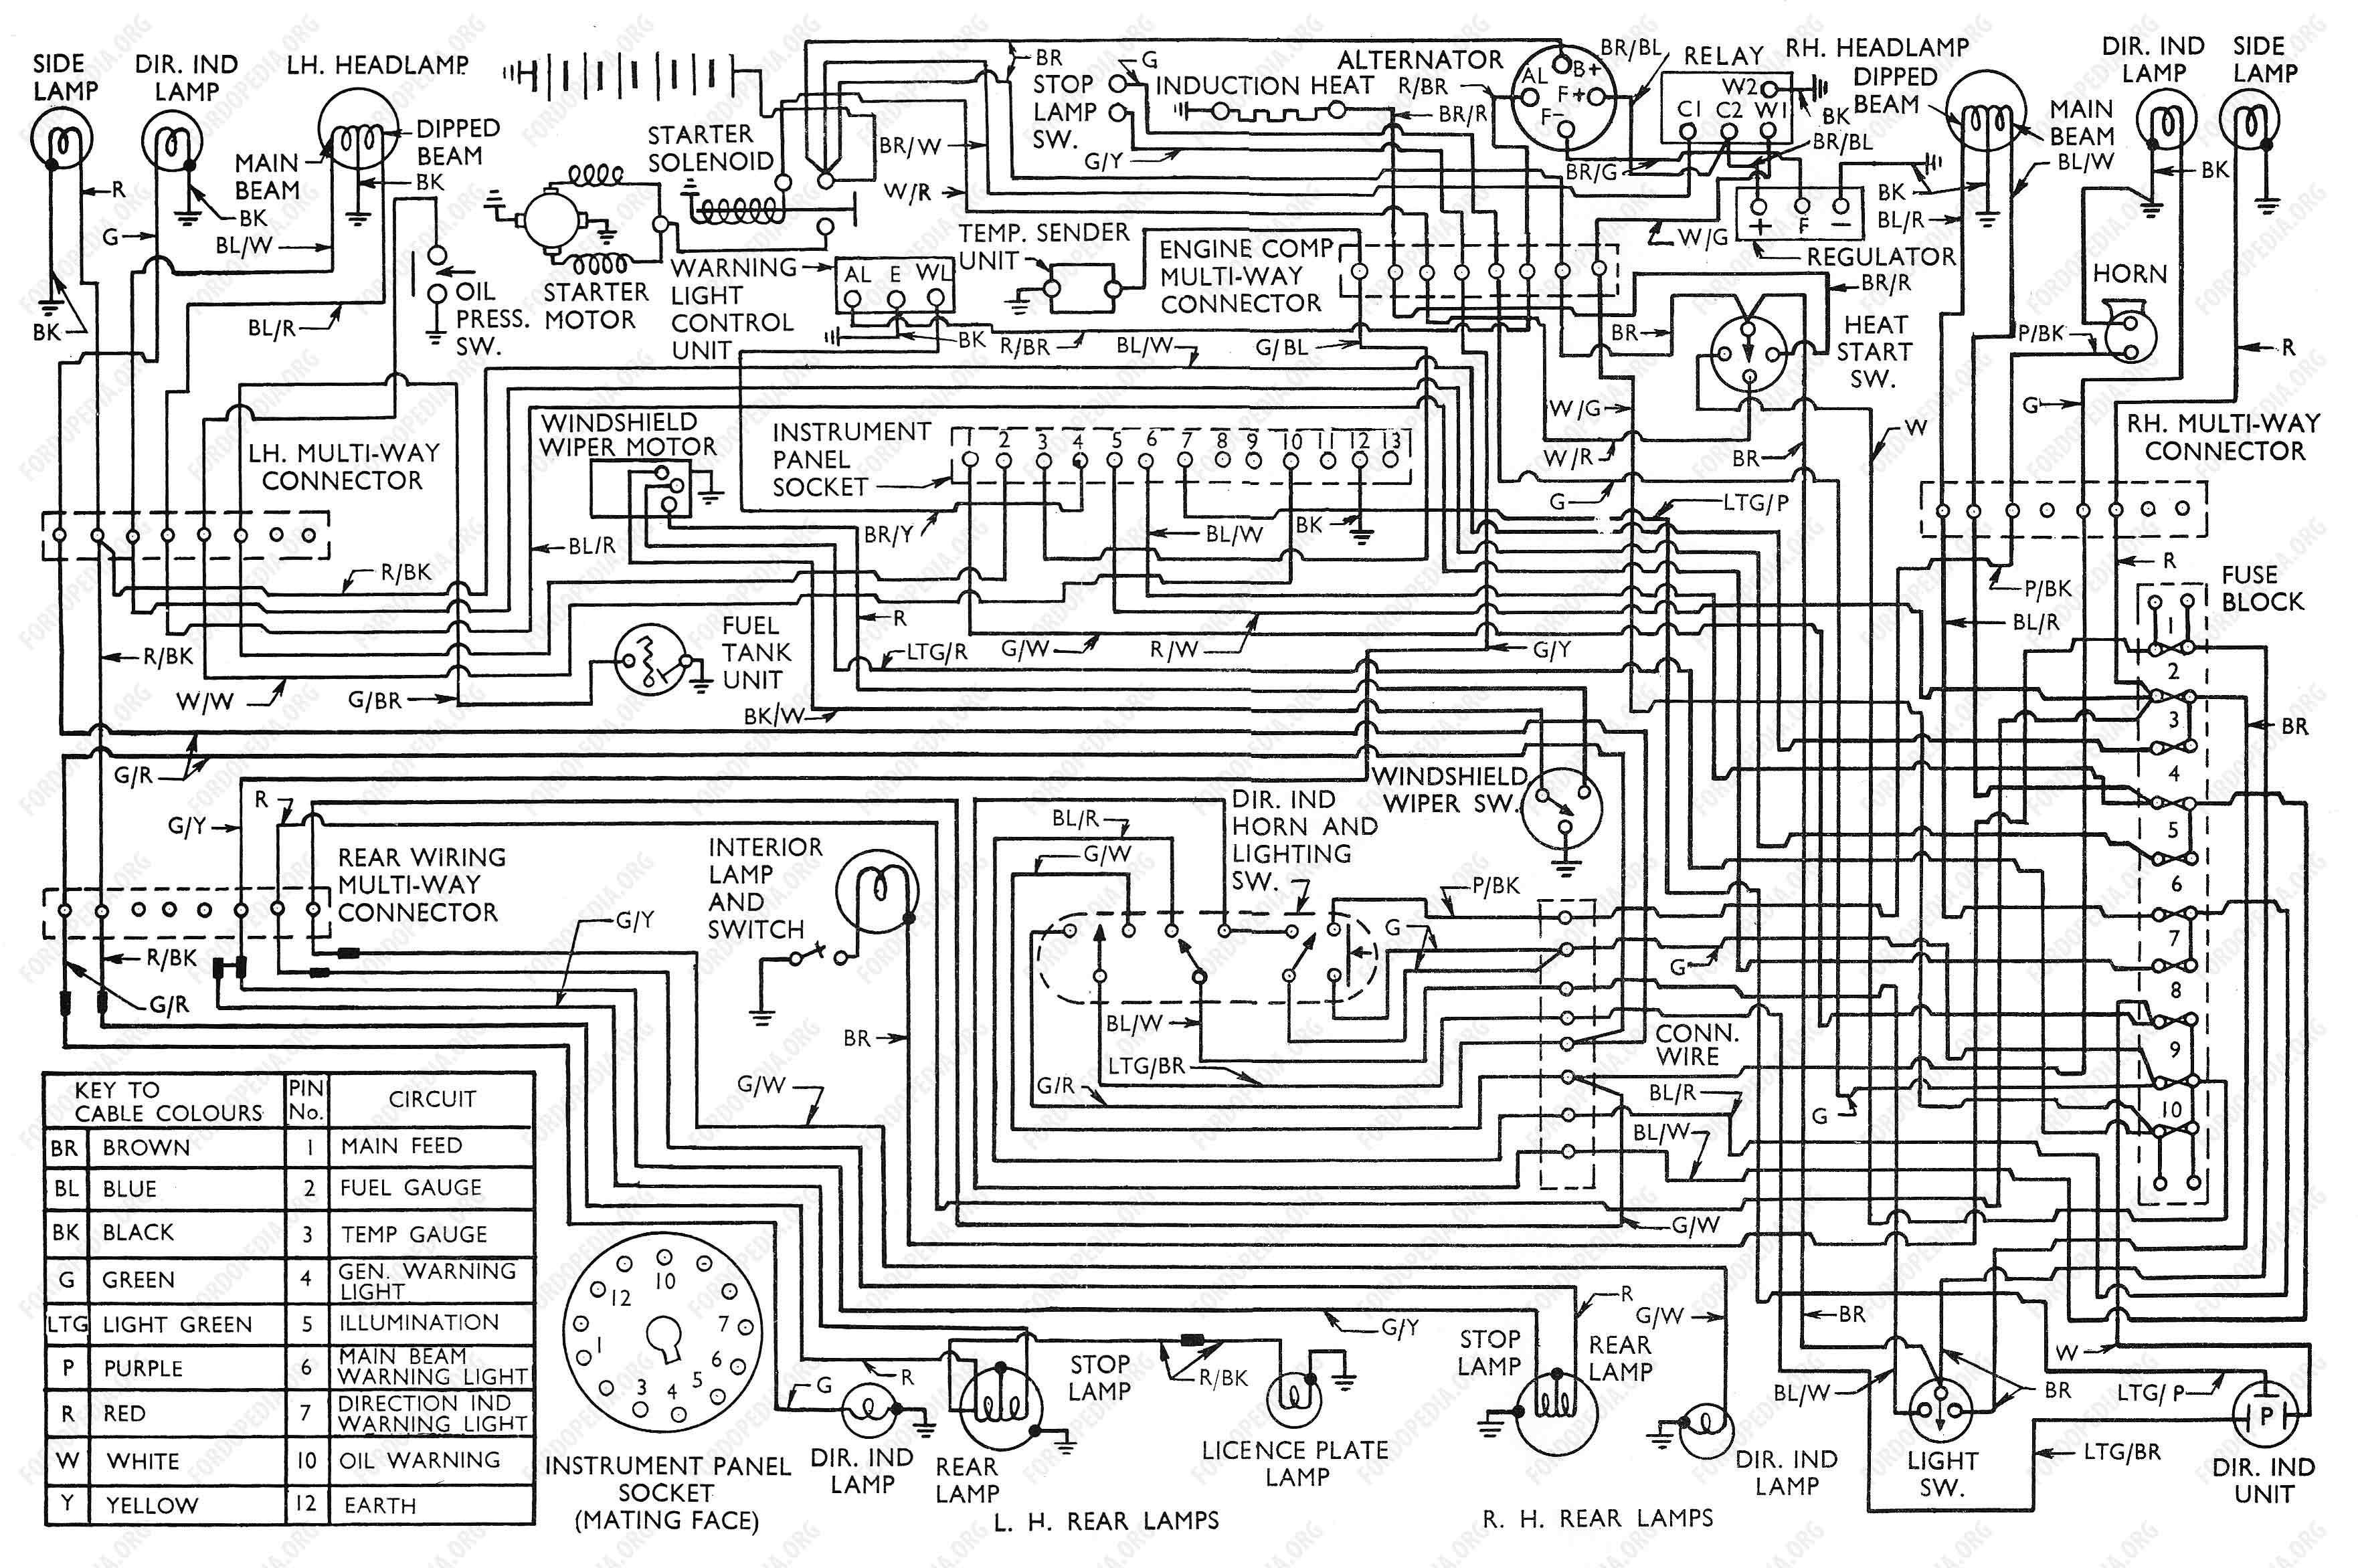 ford transit wiring diagram download data wiring diagramford bus manuals \u0026 wiring diagrams pdf bus \u0026 coach manuals pdf 2016 ford transit wiring diagram download ford transit wiring diagram download